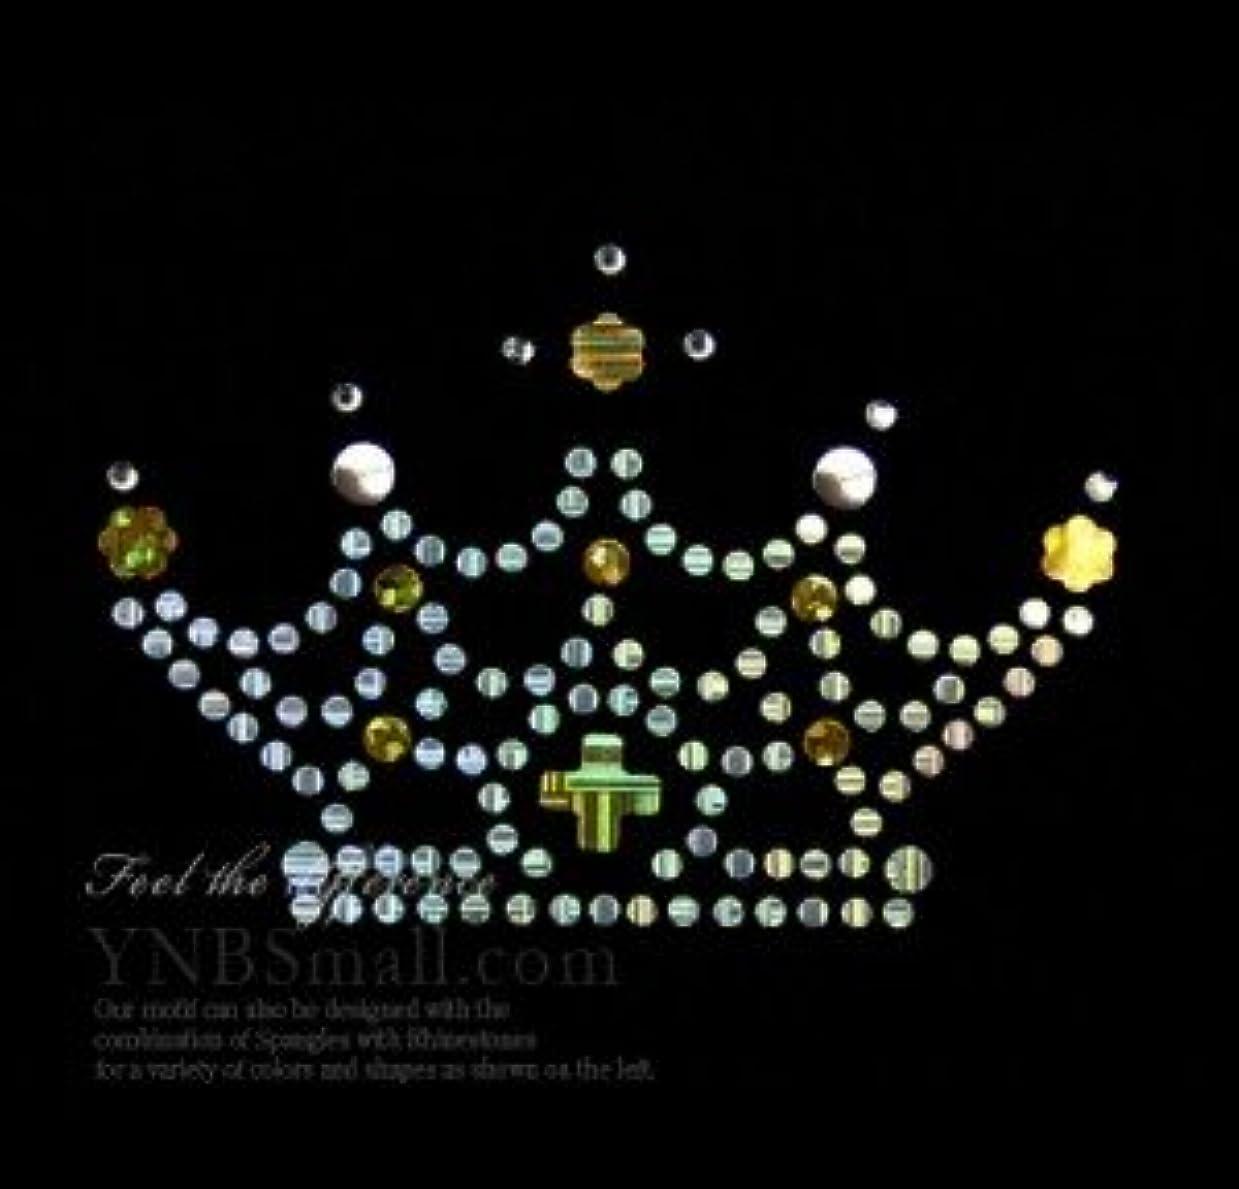 信仰行き当たりばったりはず【コンビネーション】ラインストーン&スパングル スパンコールモチーフ ホットフィックス 【S】 王冠